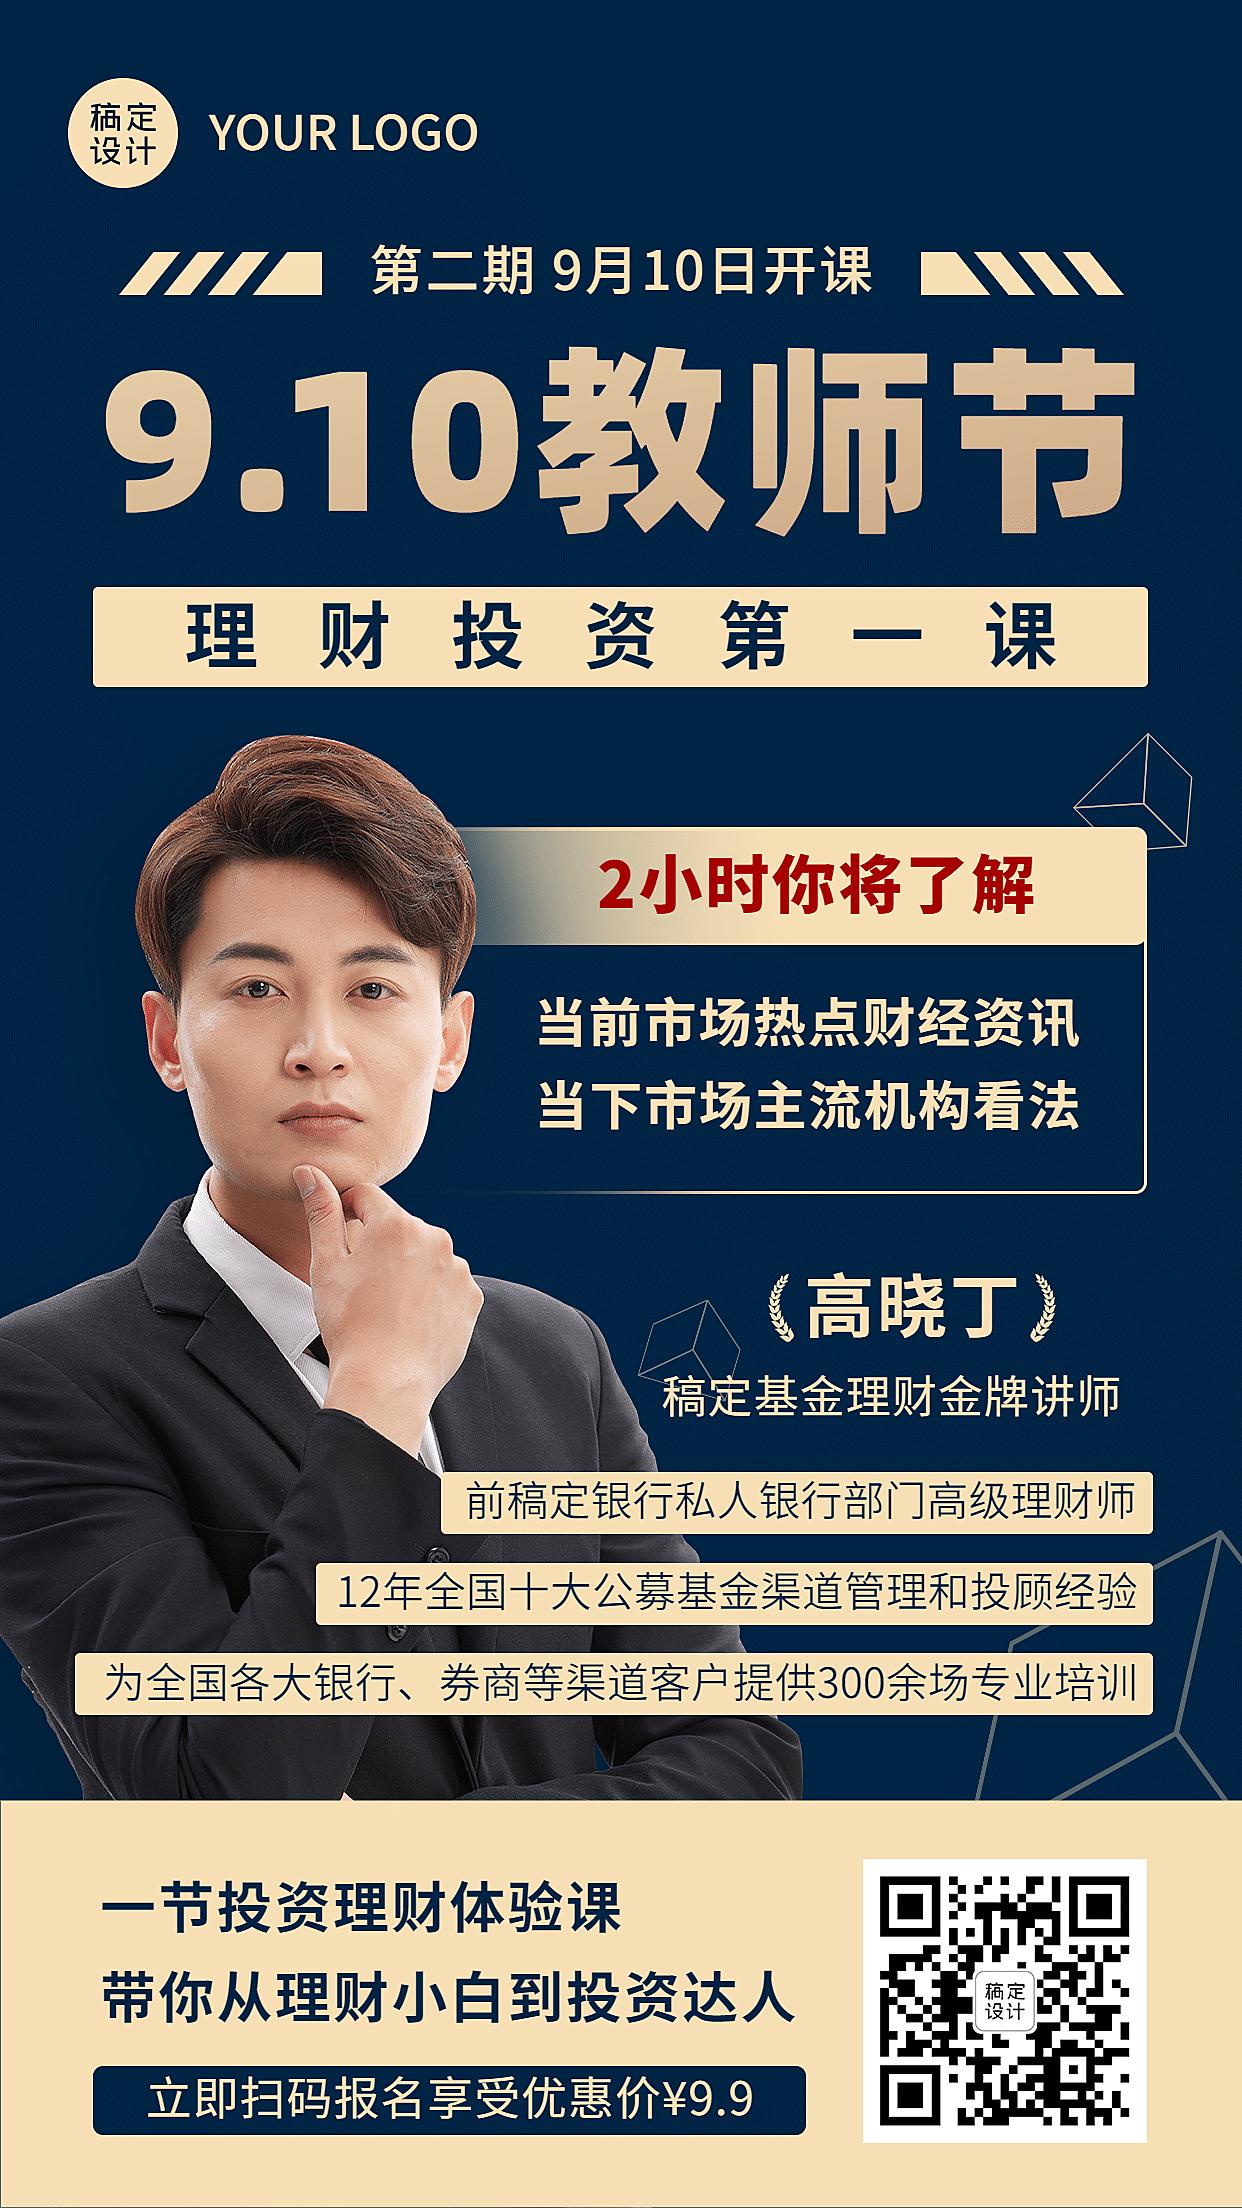 教师节金融保险理财投资课程海报